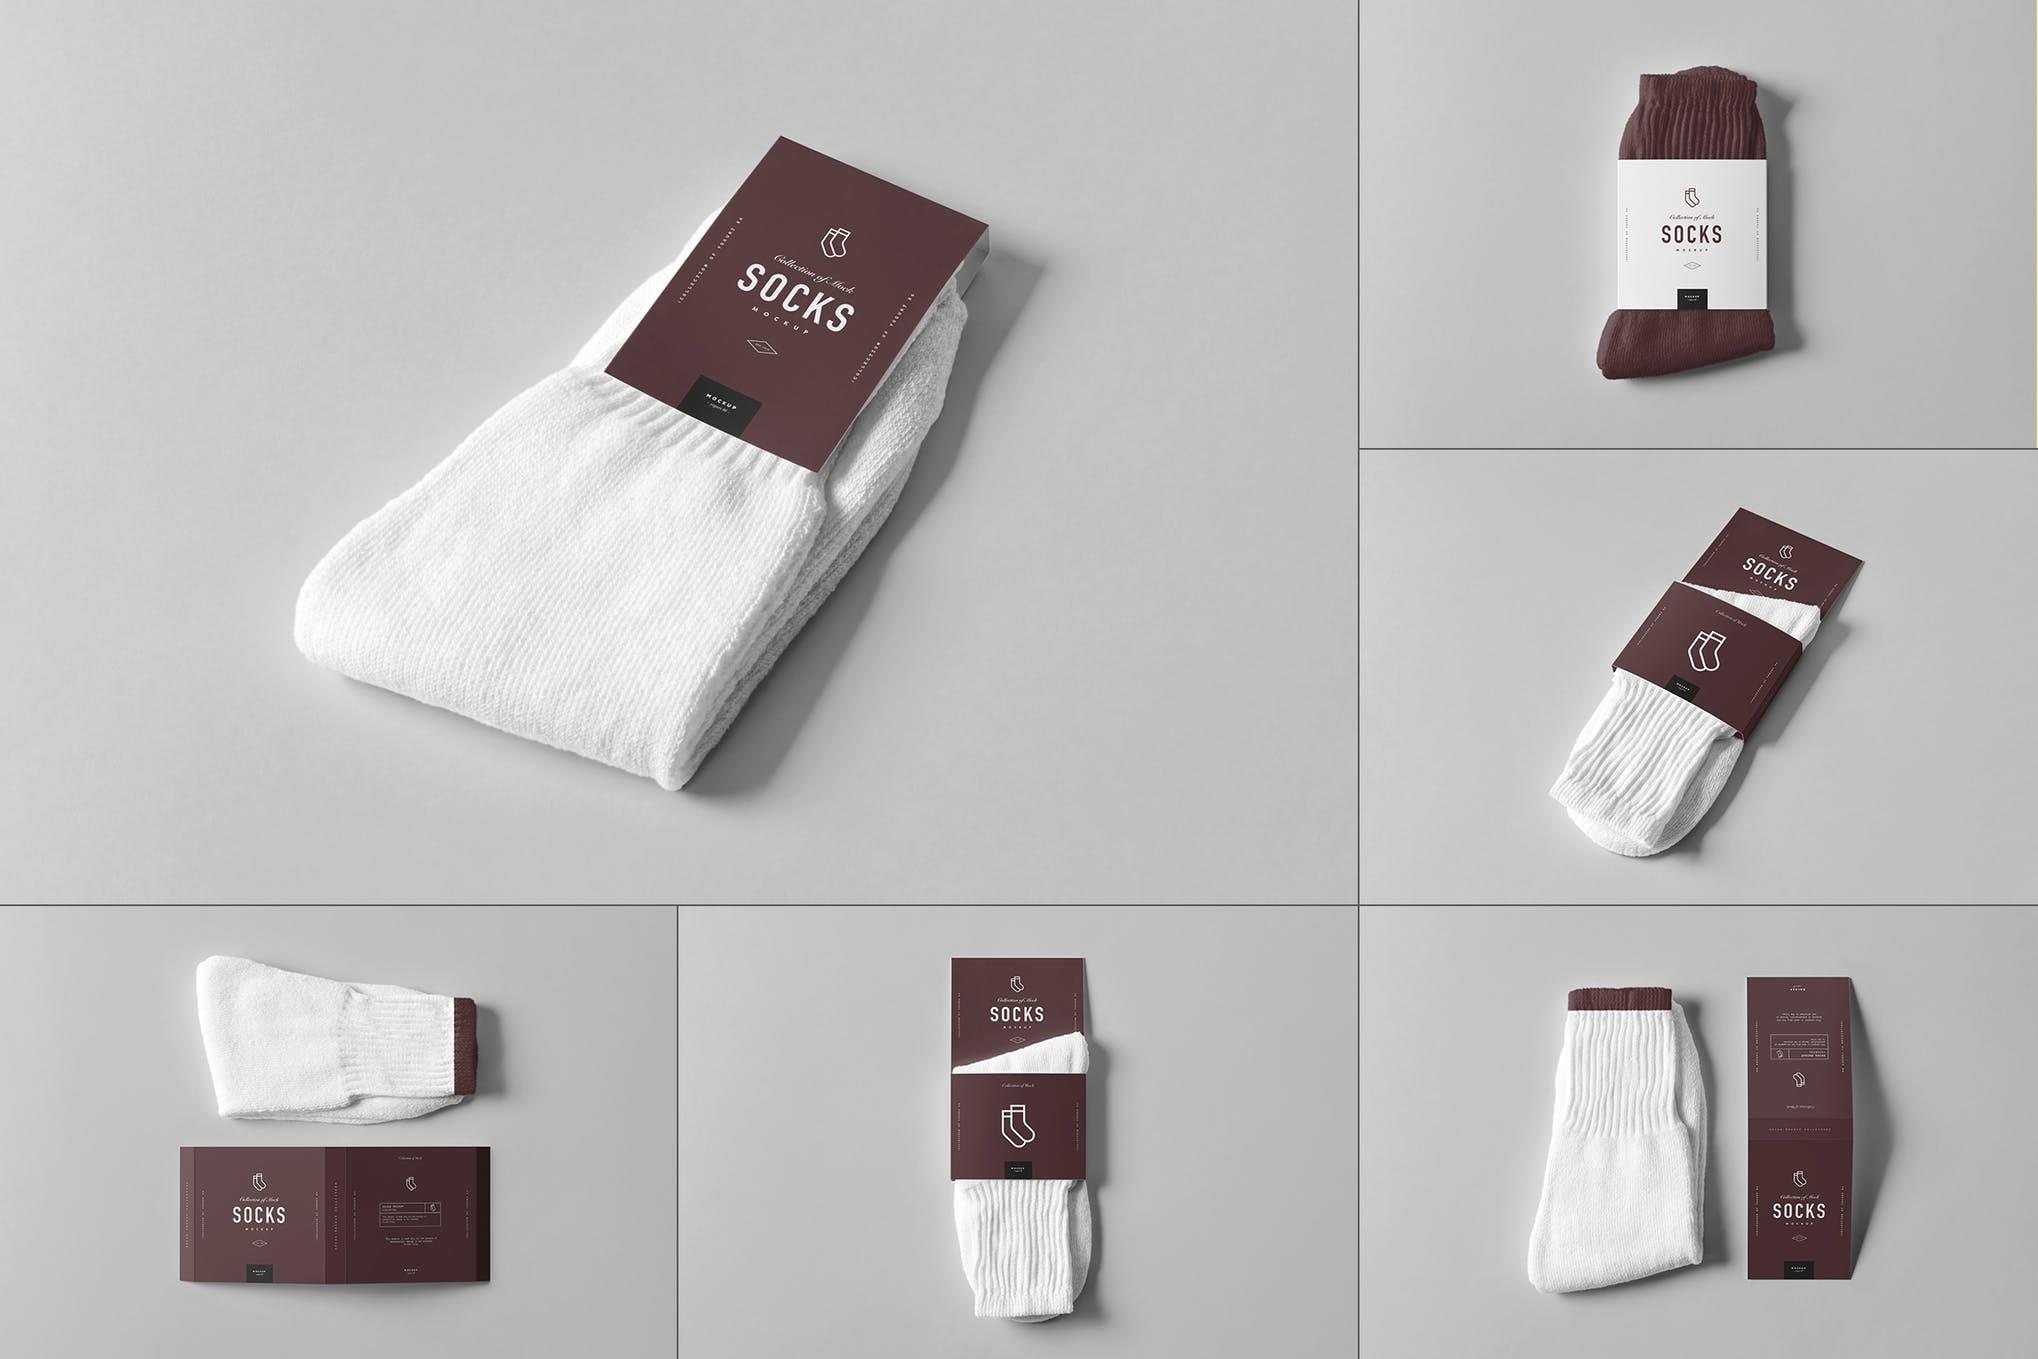 长袜足球袜样机效果图插图(1)